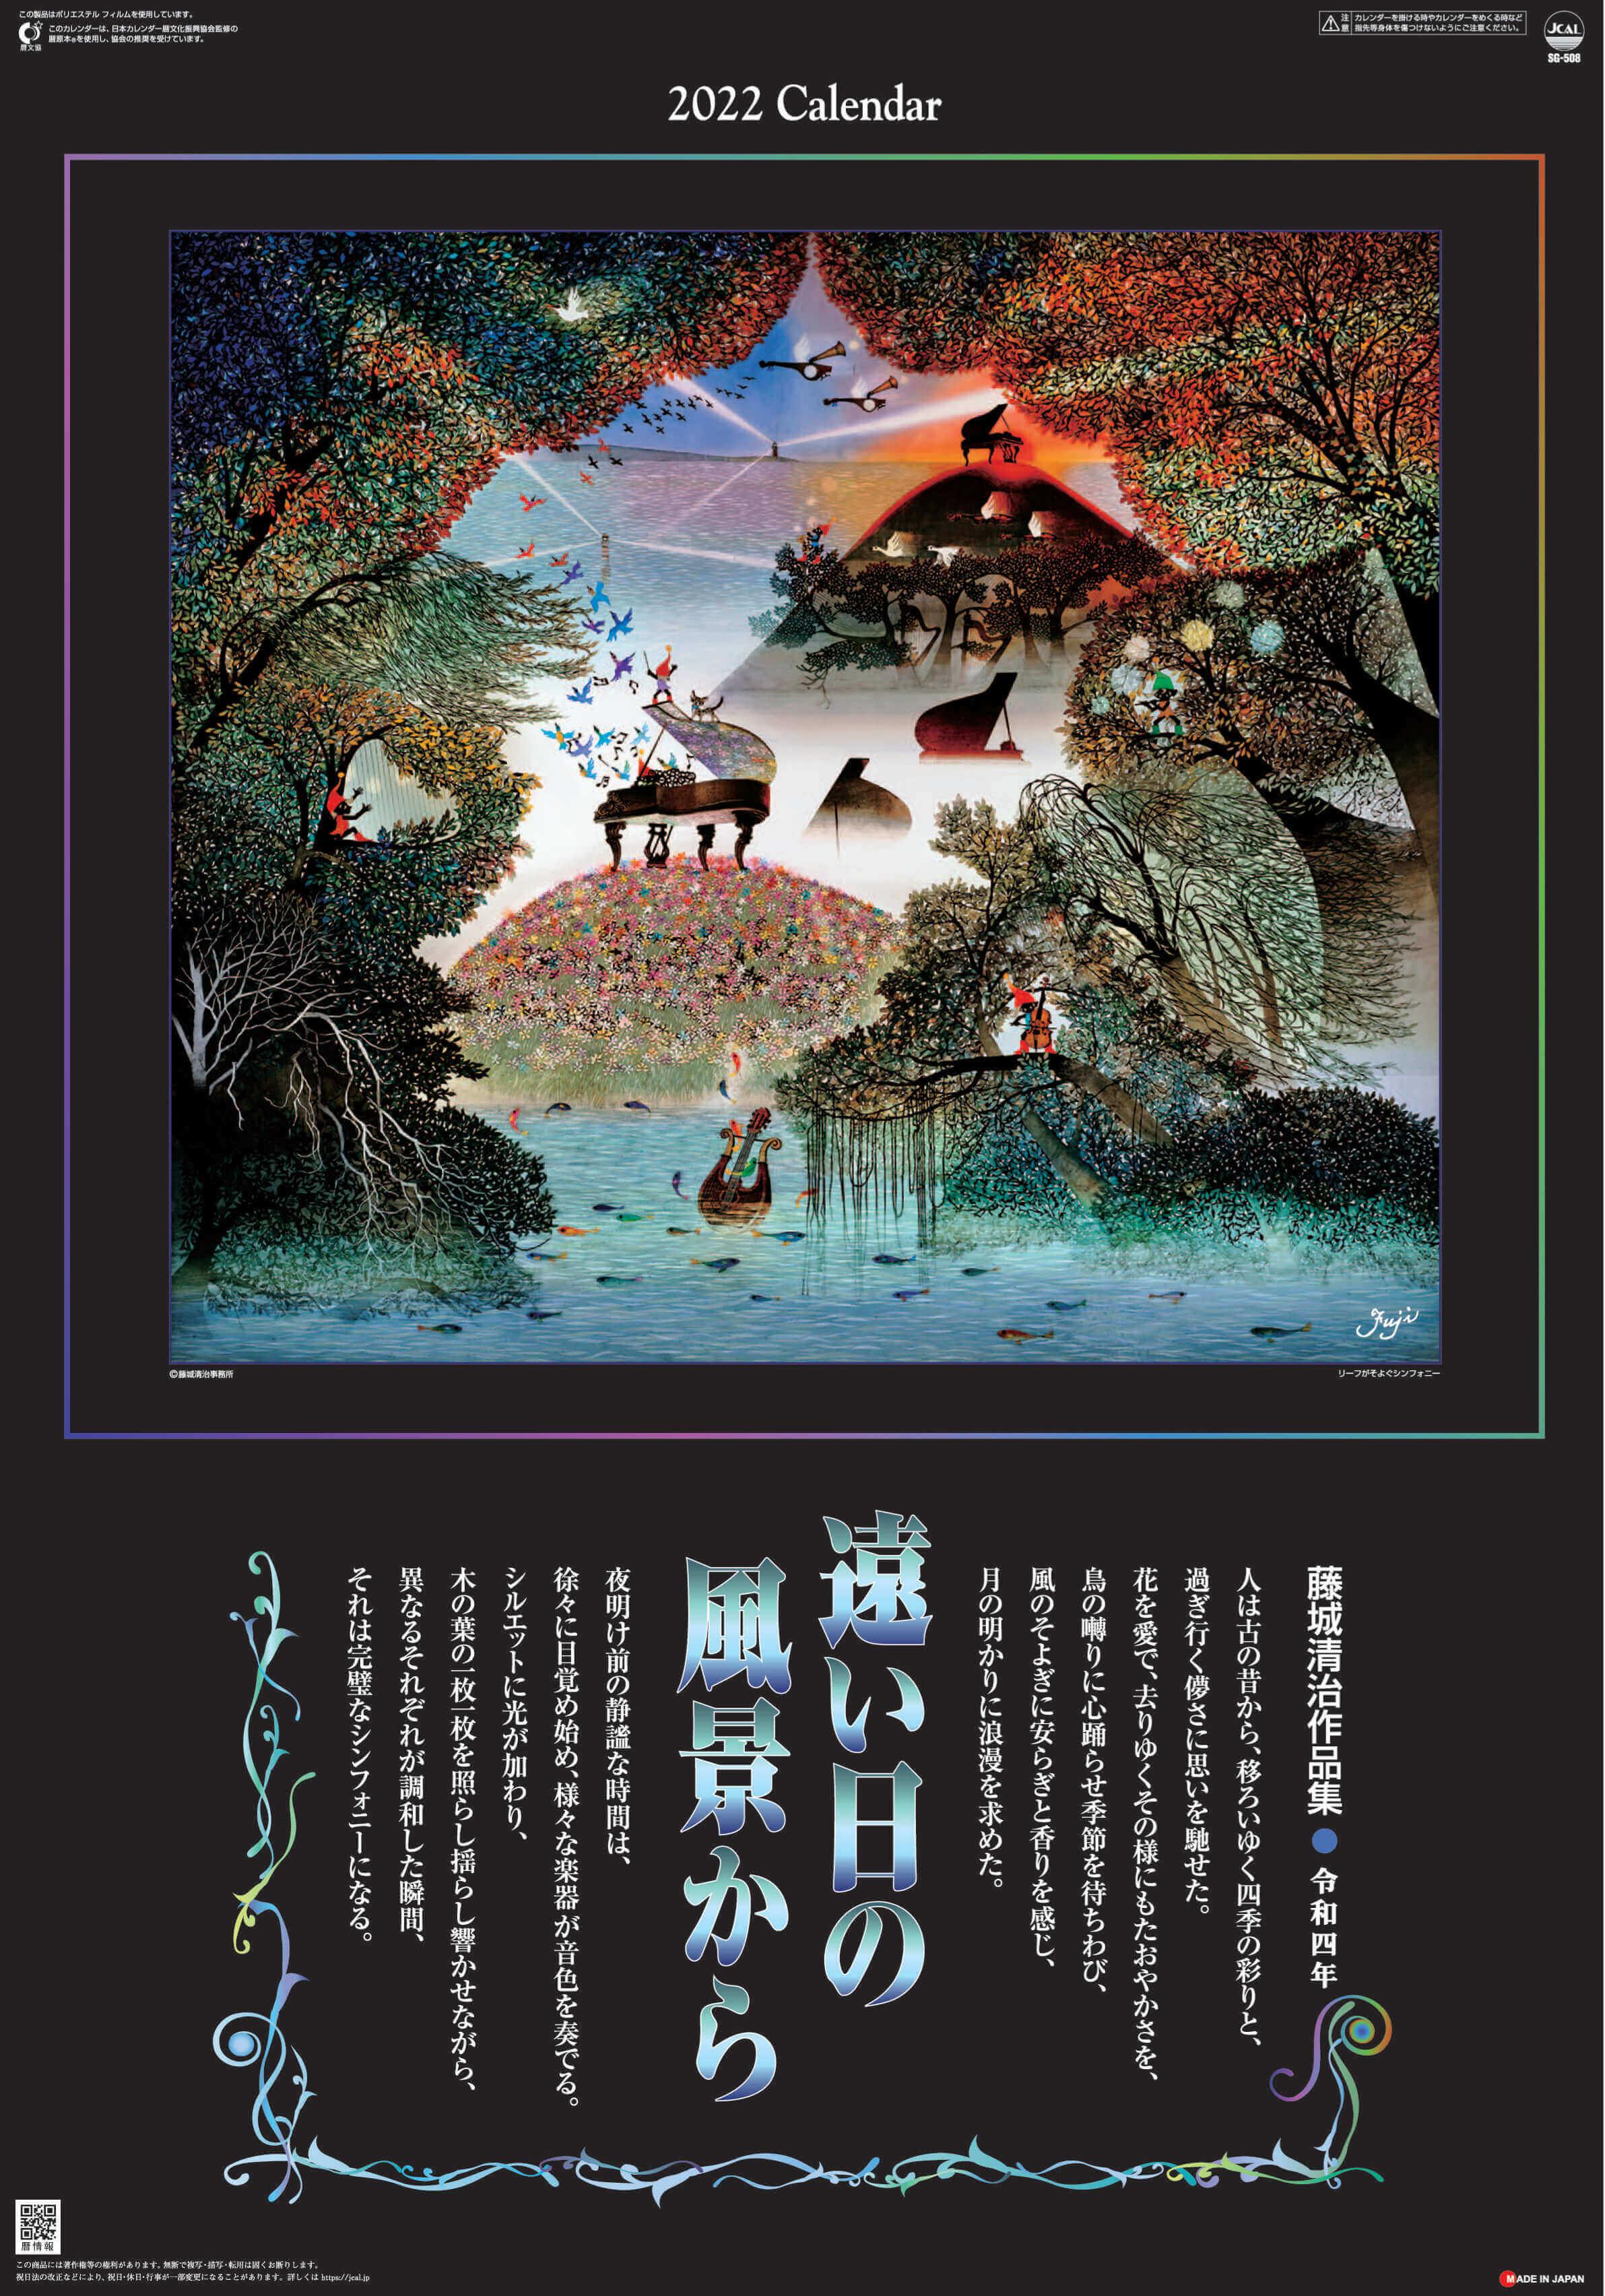 遠い日の風景から(影絵)(フィルムカレンダー) 藤城清治 2022年カレンダーの画像